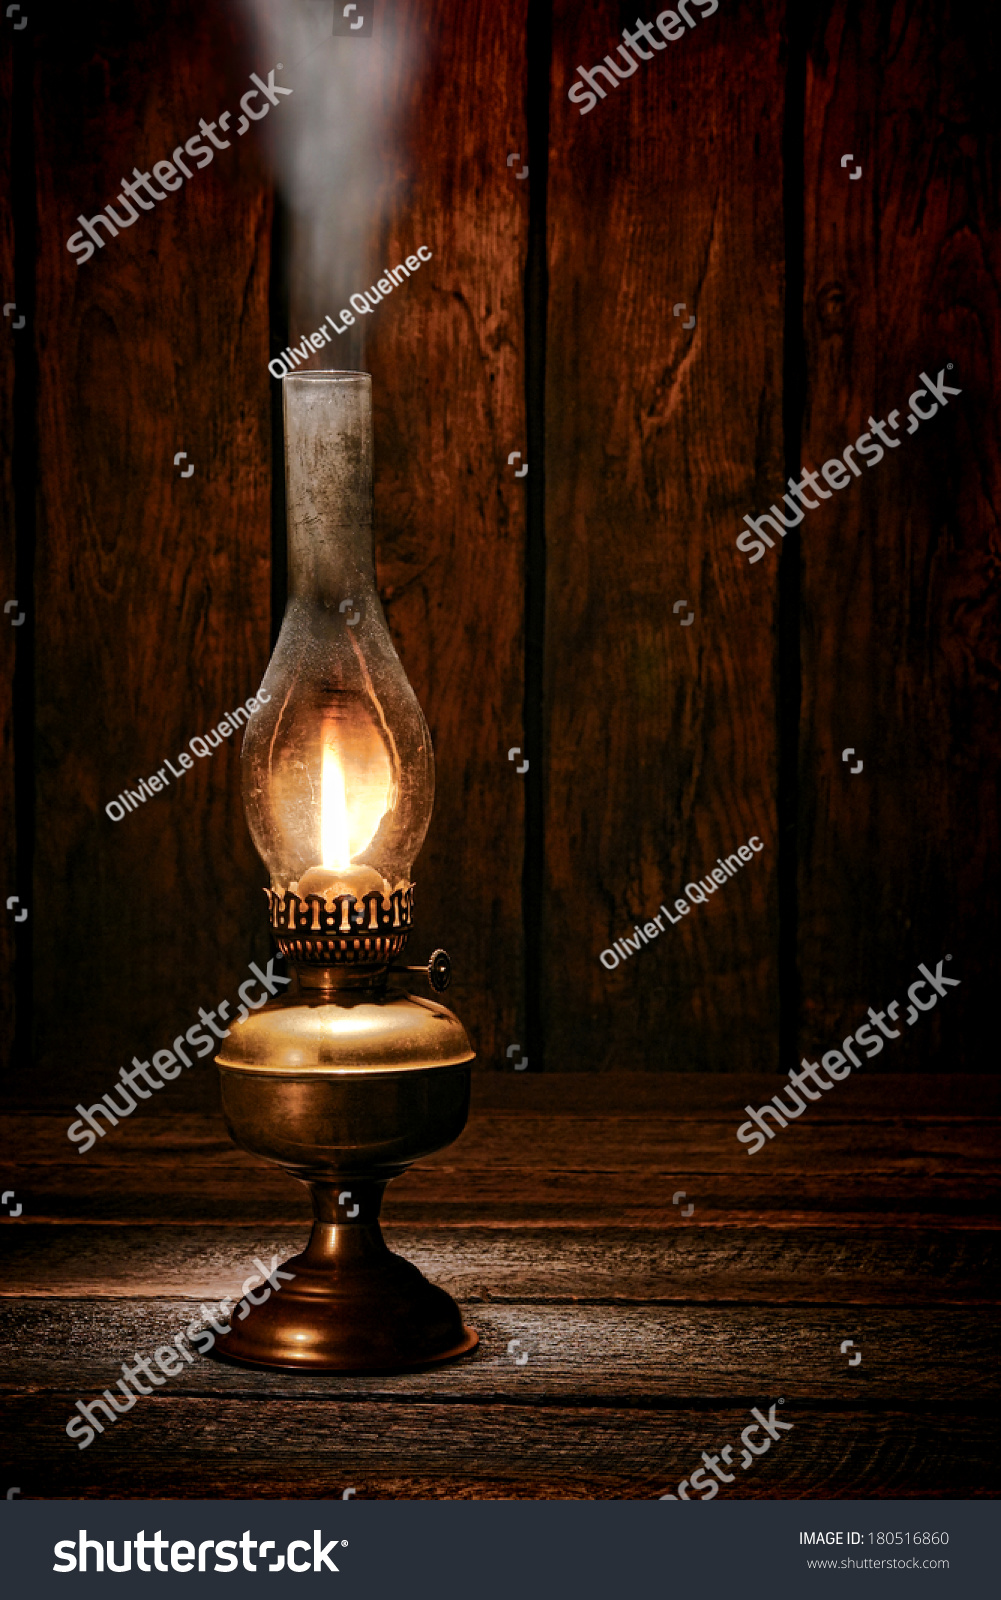 Animated Burning Lamp Oil : Antique rustic kerosene oil lantern lamp burning light